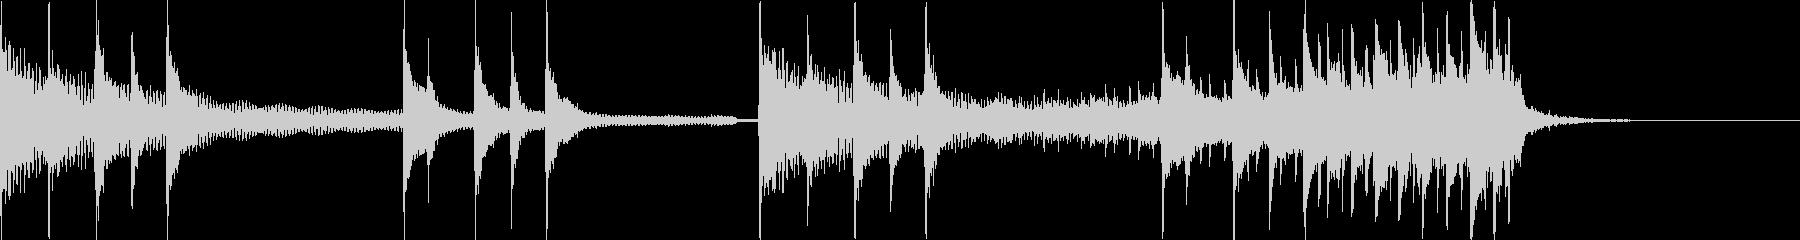 三味線+和太鼓+鼓 オープニングSEロゴの未再生の波形